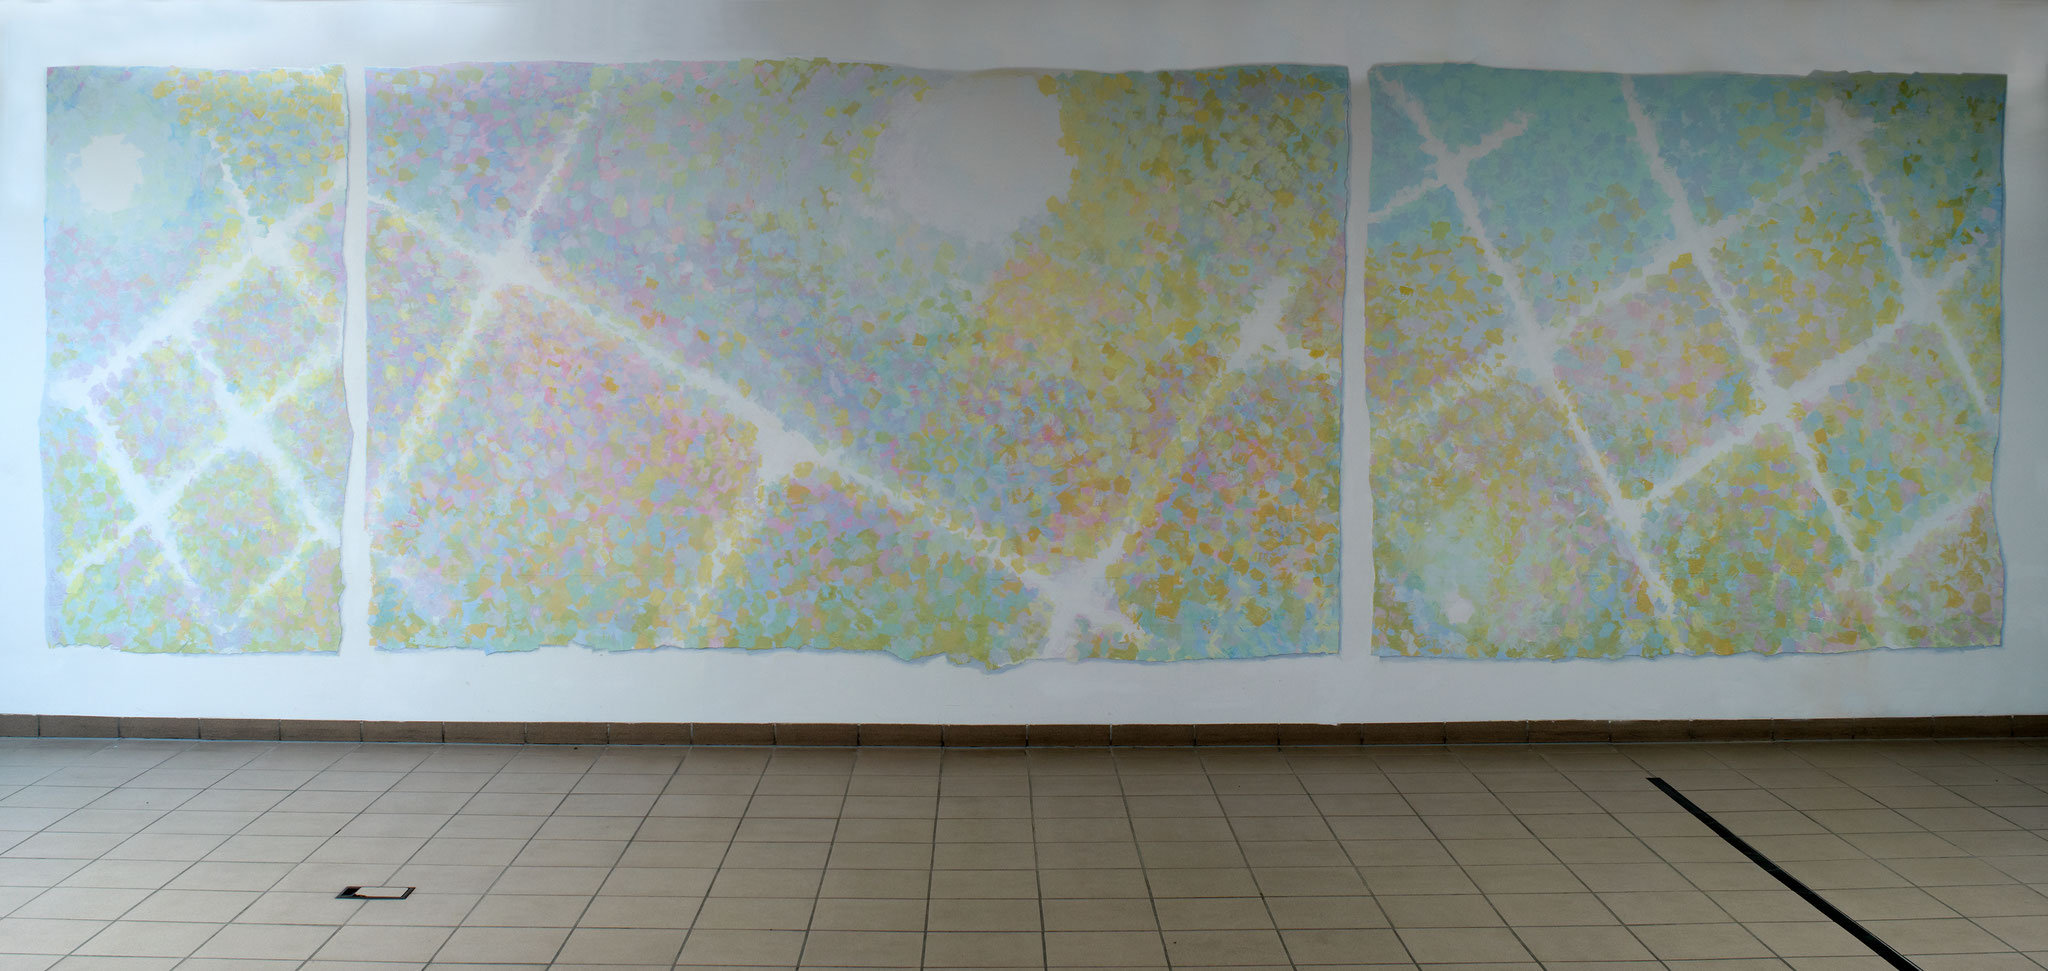 Festsaal im Katharinenstift Wiesbaden - Acryl auf Wandfläche - ca. 3,00 x 8,00